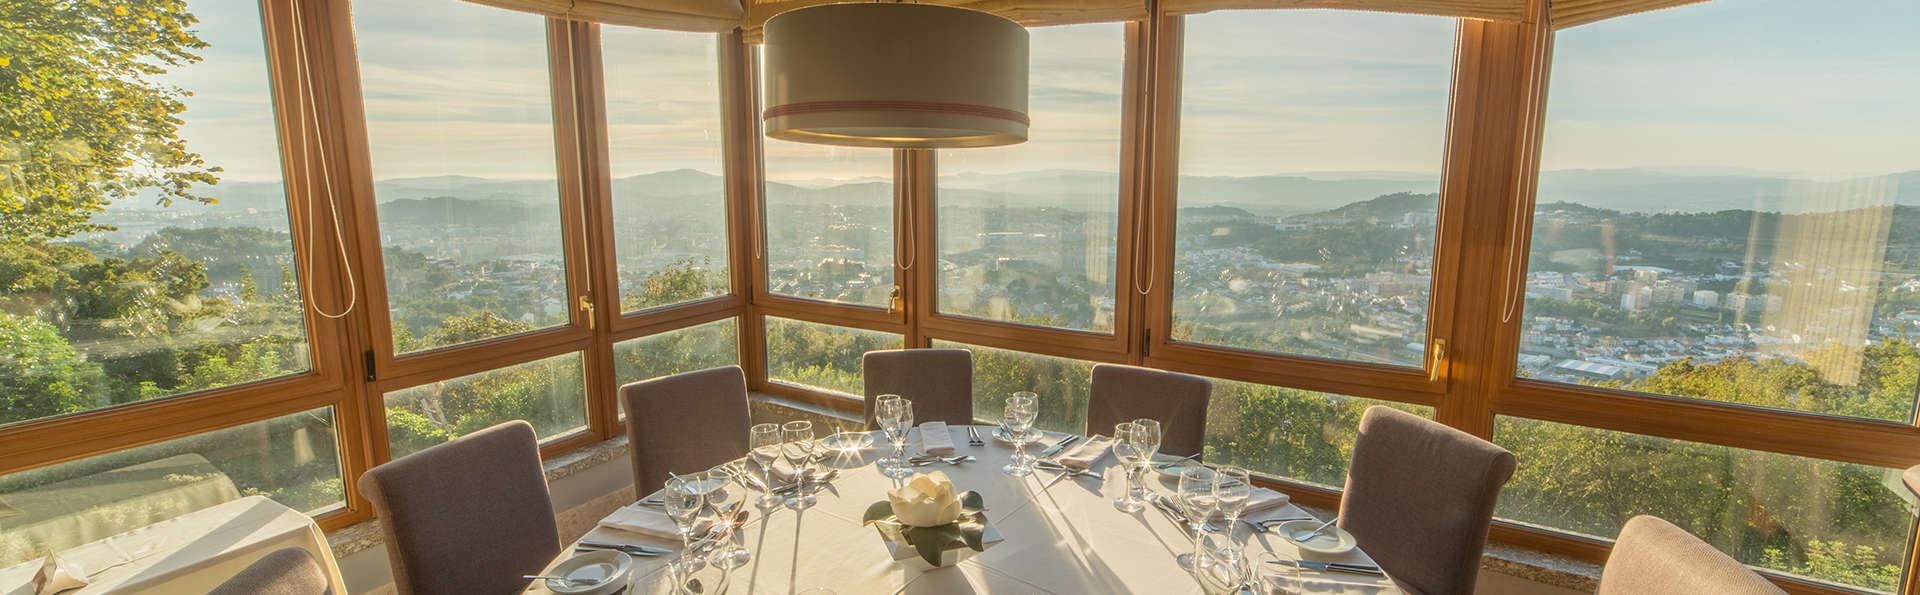 Escapada romántica con Cena y desayuno en la habitación en un hotel con vistas a Braga (2 noches)